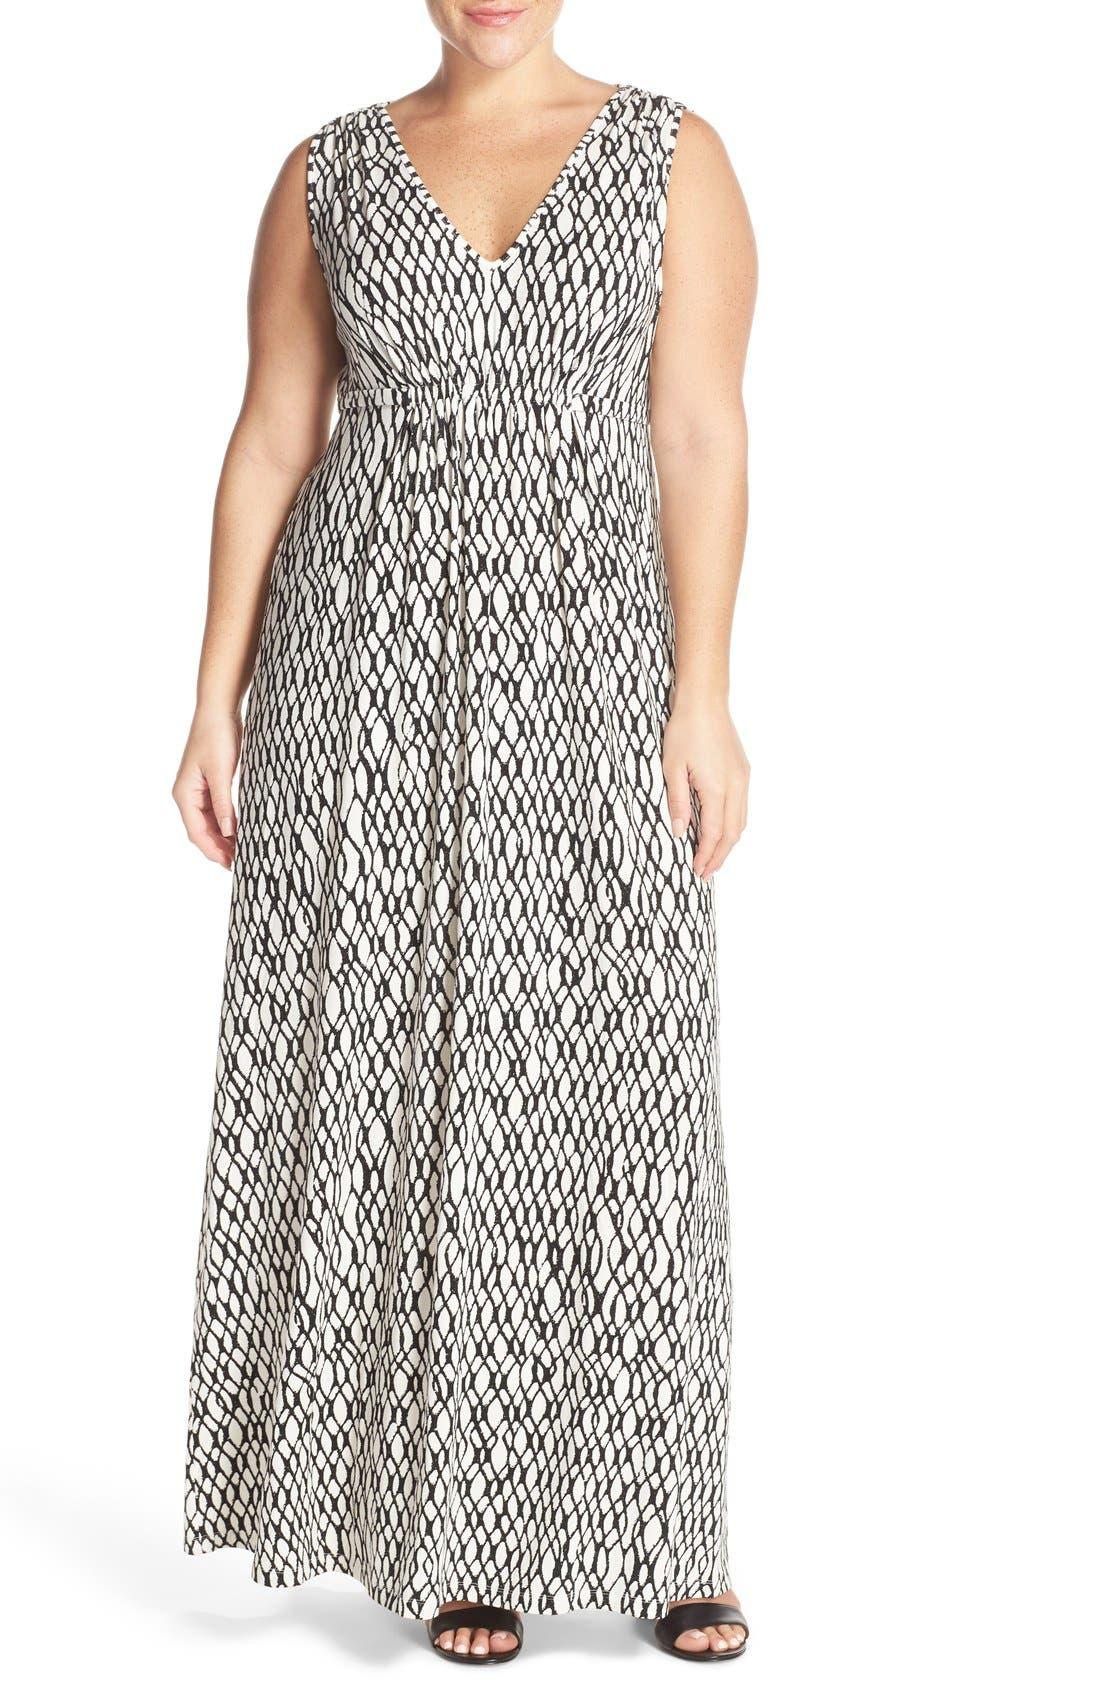 Grecia Sleeveless Jersey Maxi Dress,                             Main thumbnail 4, color,